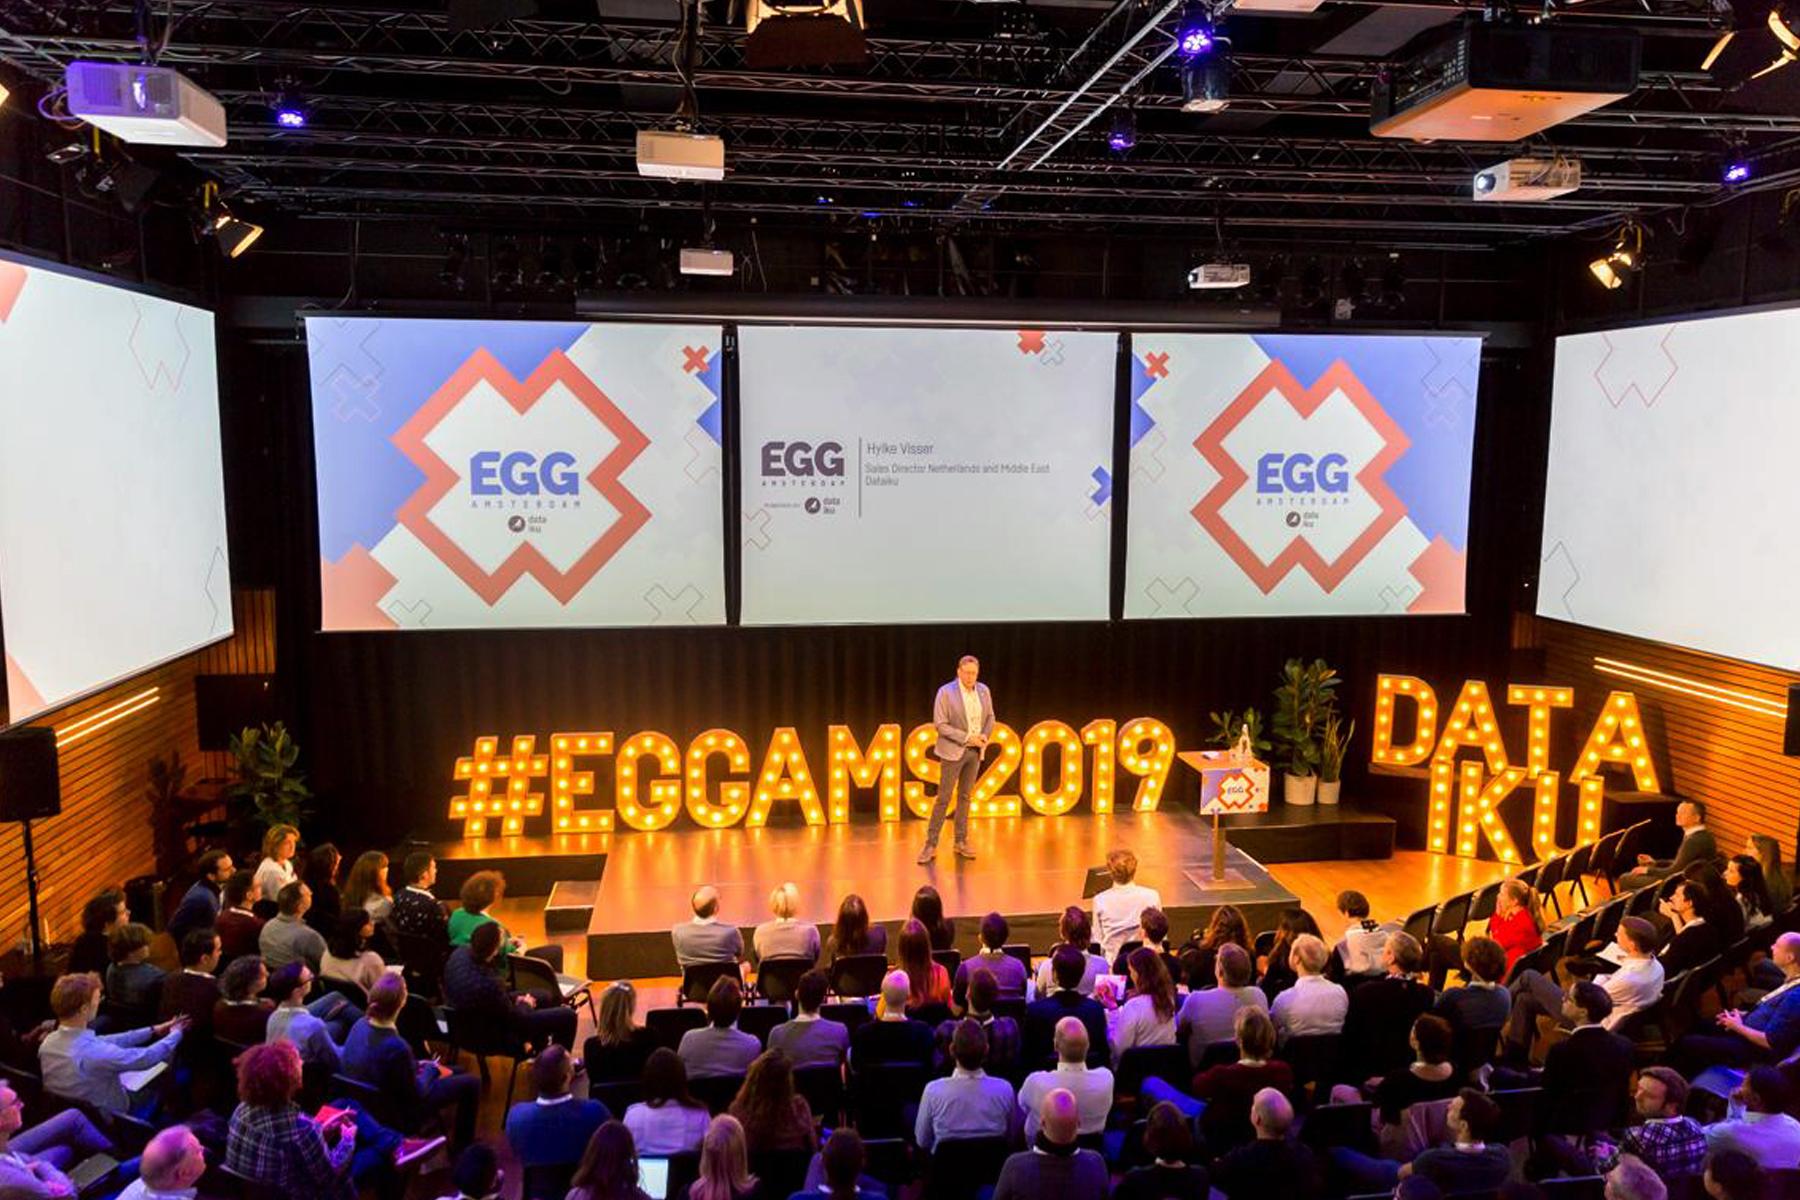 Dit is een afbeelding van de openingsfilm of kickoff van EGG Amsterdam 2019 #EGGAMS2019 dat in Pakhuis de Zwijger werd gehouden. We zien Hylke Visser het publiek aanspreken. Hij staat voor de videoschermen met daarop de huisstijl van EGG Amsterdam, bestaande uit drie Amsterdamse kruizen en blauwe of roze logo van EGG Amsterdam. Daaronder het logo in donkerblauw van Dataiku. Met mooie lampen in houten frames lezen we #EGGAMS2019. De stijl van EGG Amsterdam is volledig ontwikkeld door Activates merkversterkend reclamebureau uit Sassenheim in opdracht van Dataiku en Karin Heppener van Heppener makes it happen!